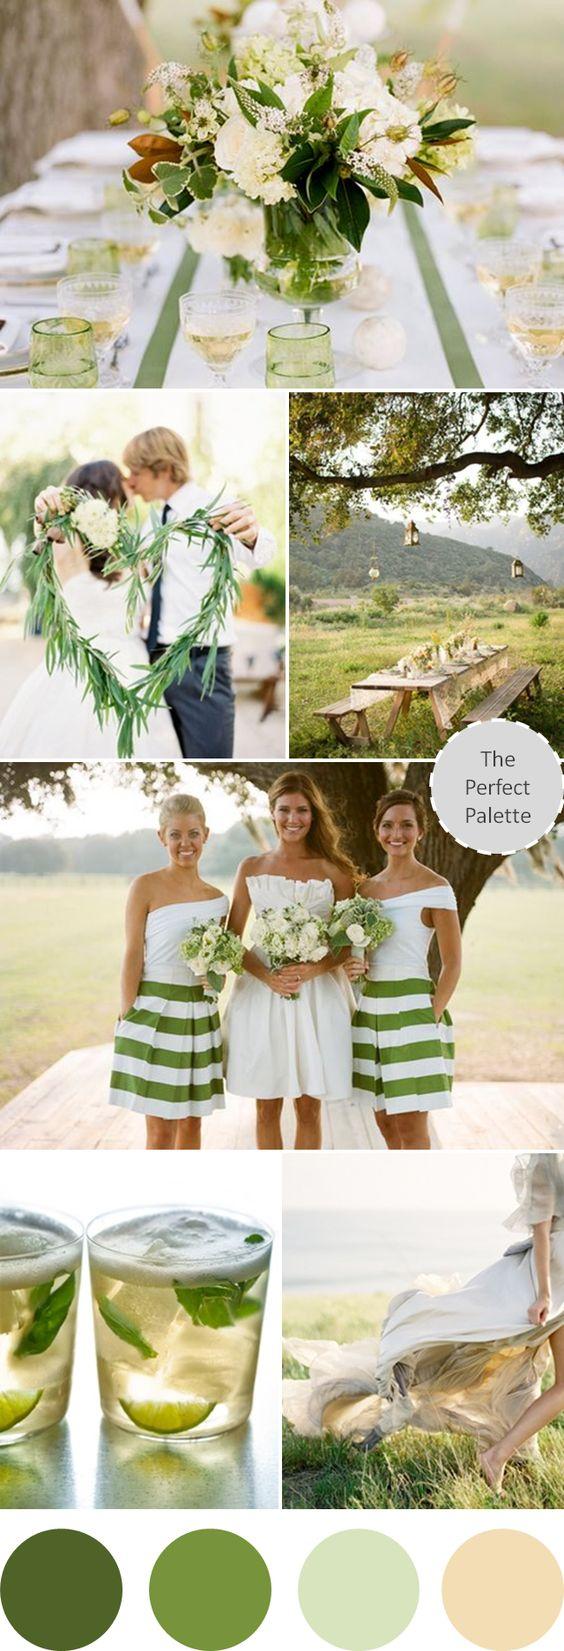 Moodboard: Zauberhaufte Grüntone für eure nachhaltige Hochzeit